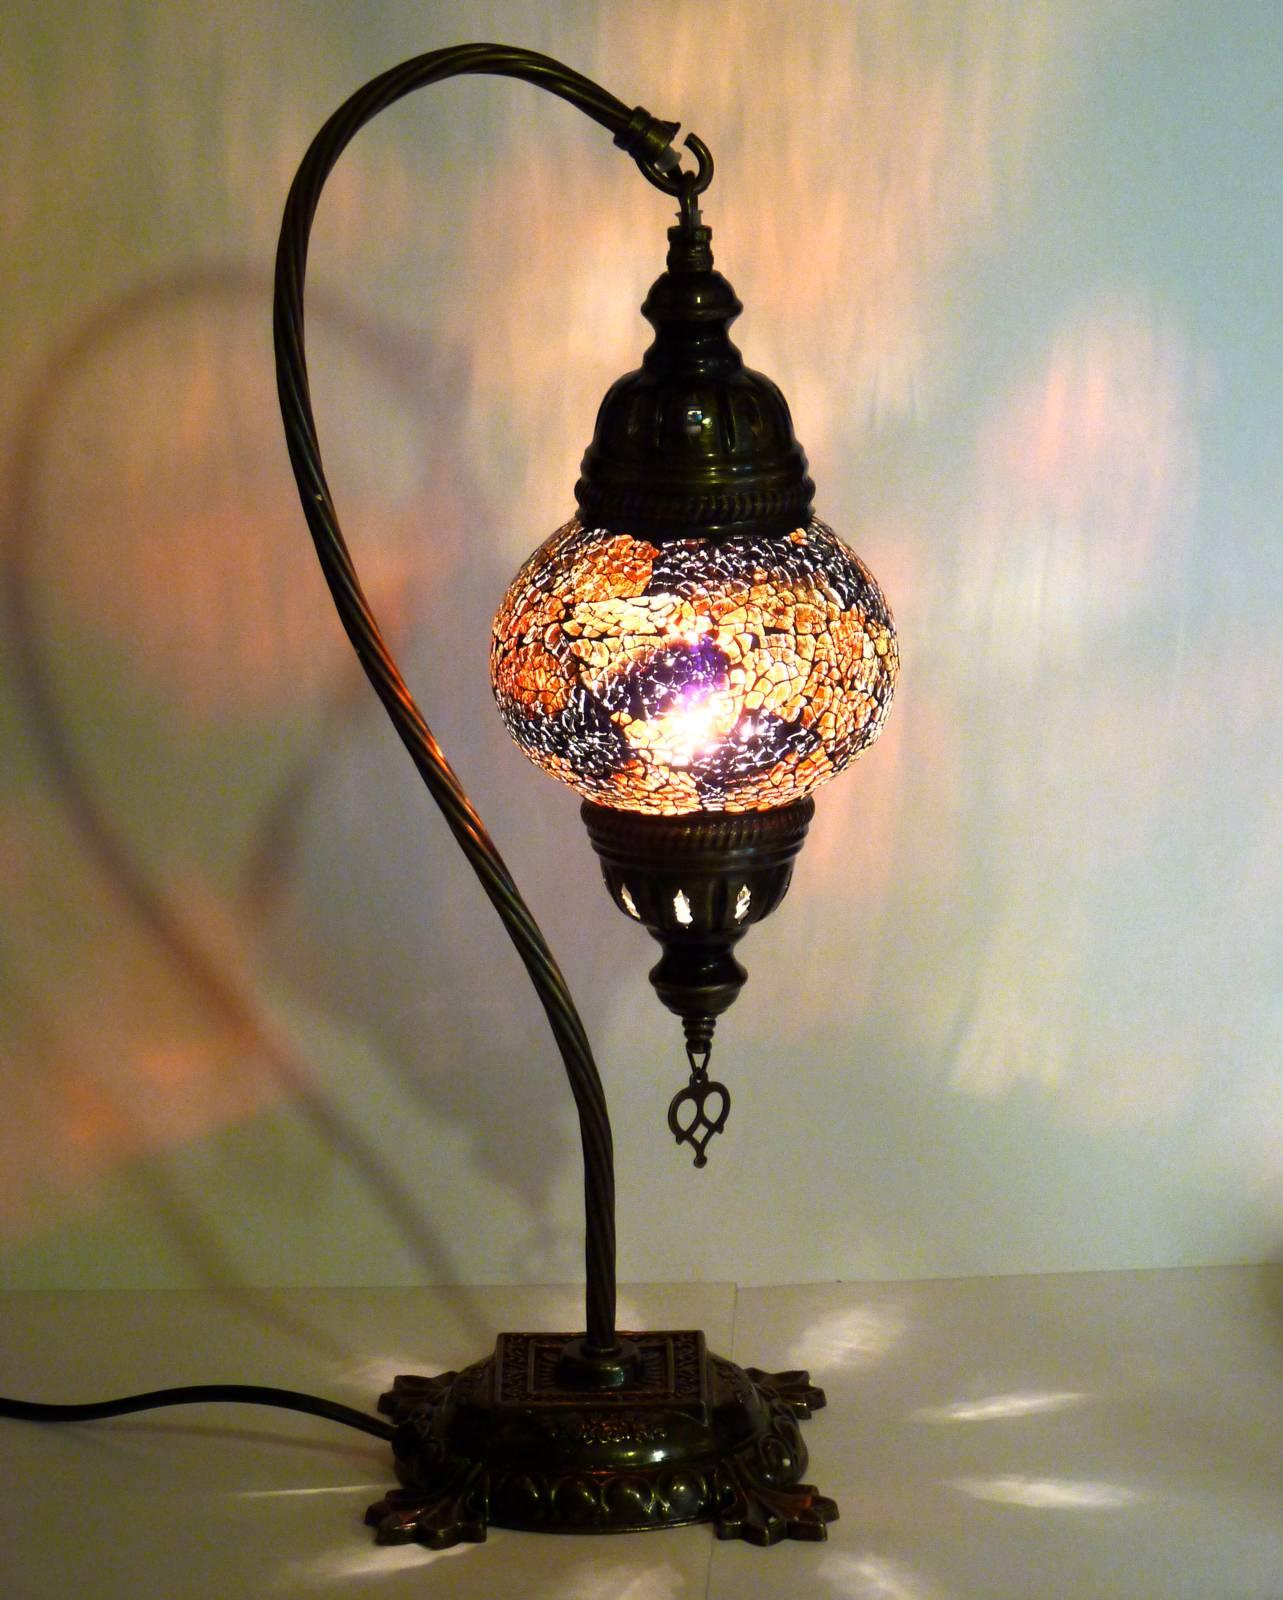 Mosaiklampe tischlampe aus glas gall zick orientalisch handarbeit ebay for Mosaik lampe orientalisch